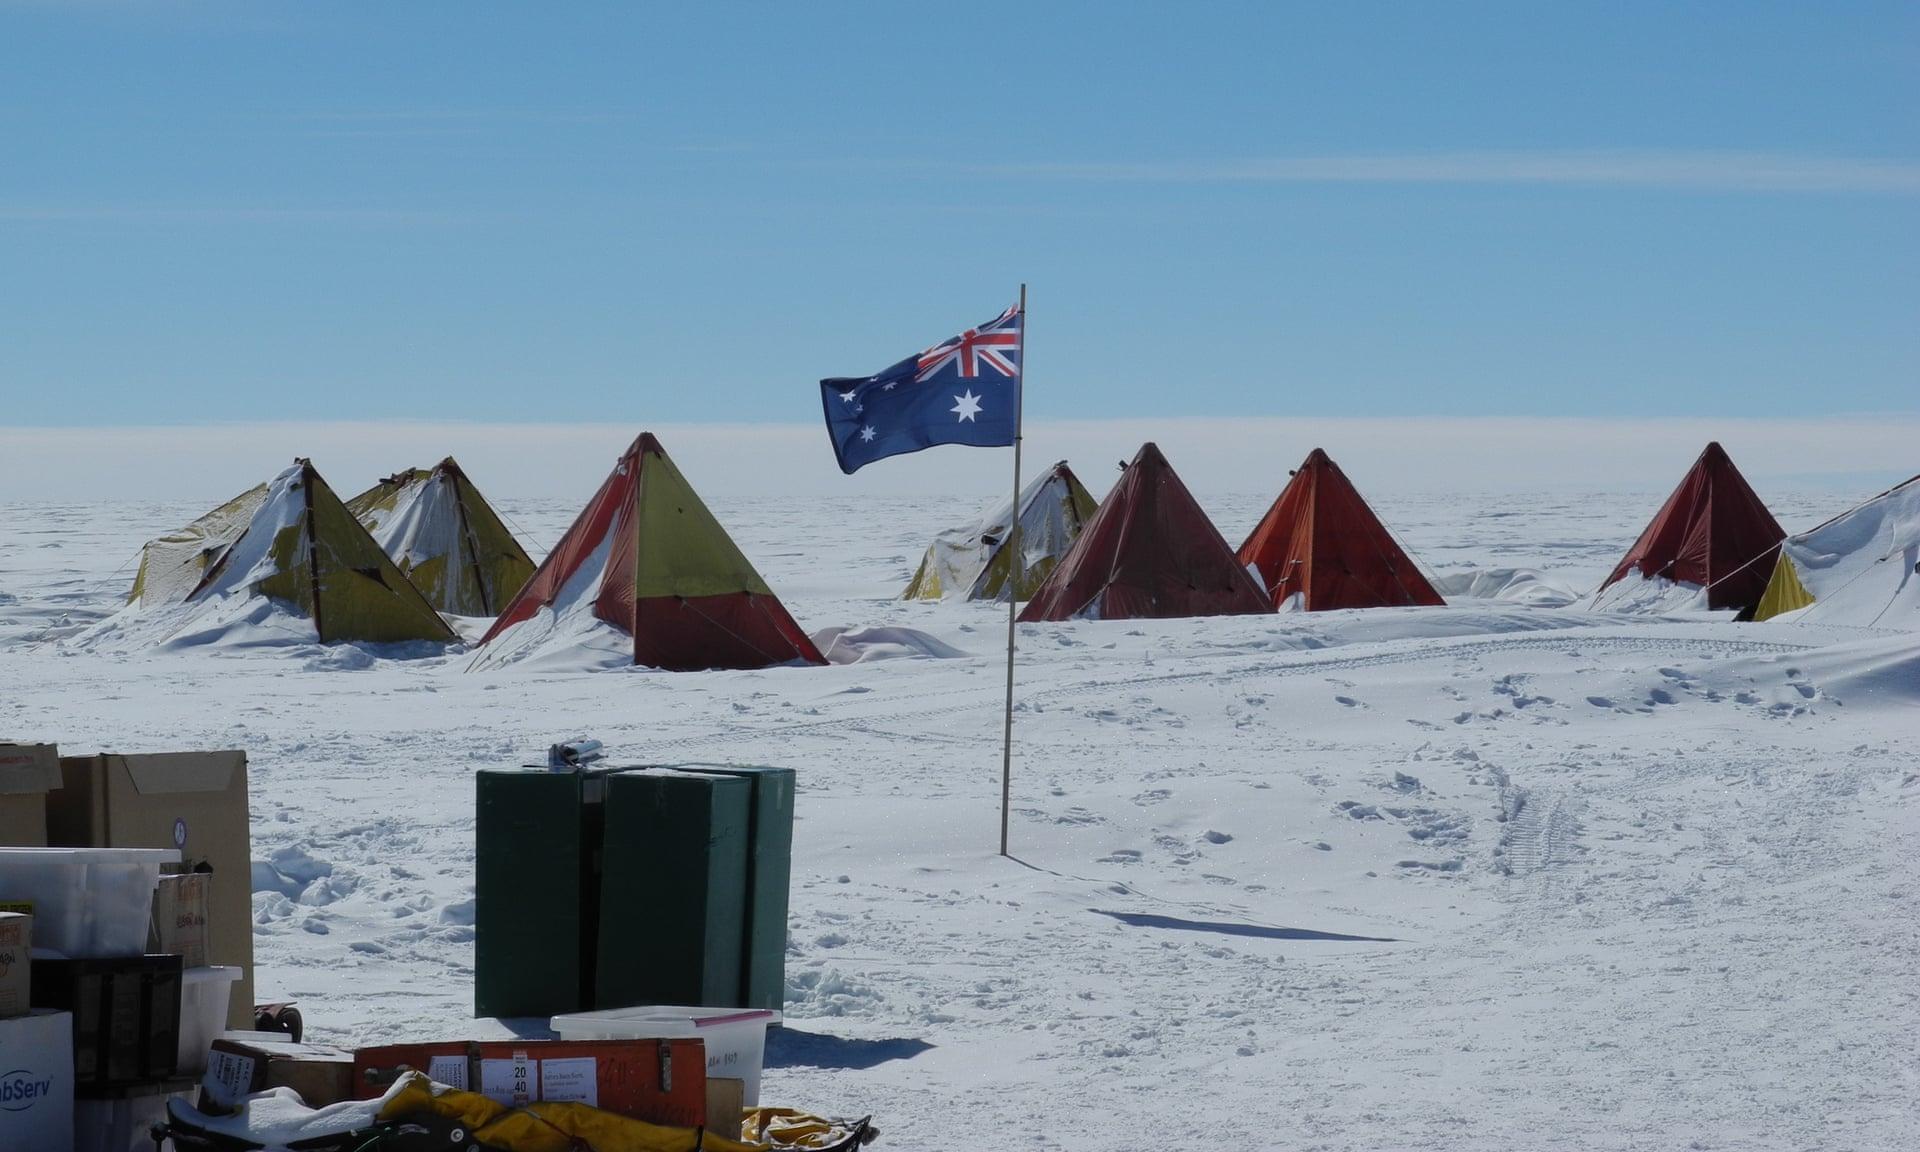 В Антарктиде пробурят скважину глубиной 3 км, чтобы отследить изменения климата.Вокруг Света. Украина